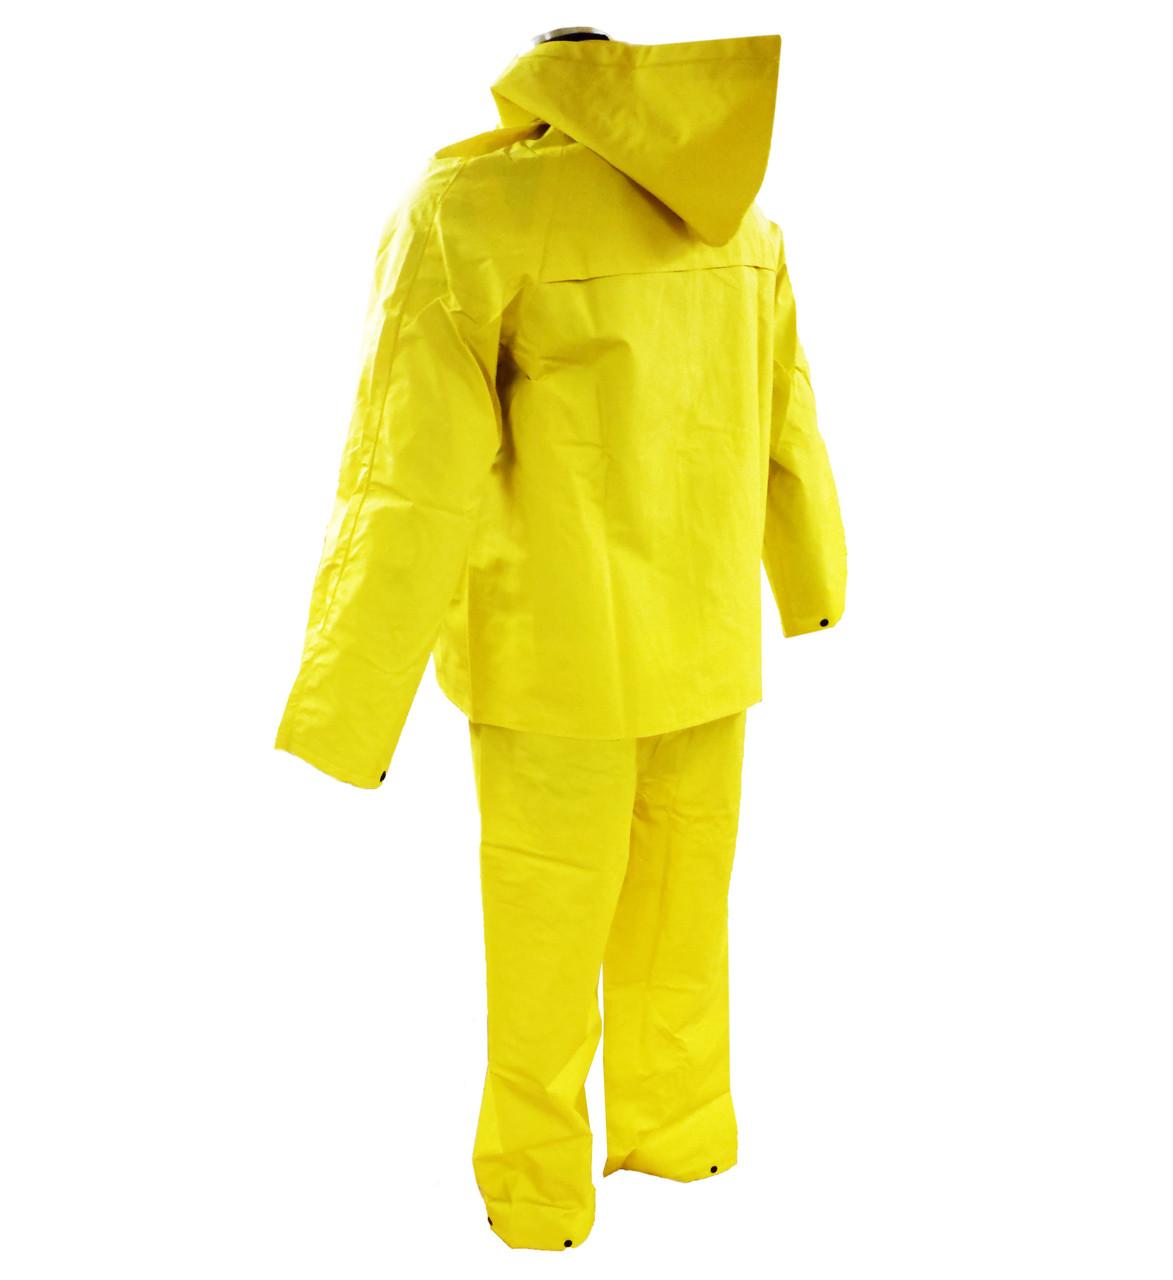 3 Piece 35mm PVC/Poly Rain suit